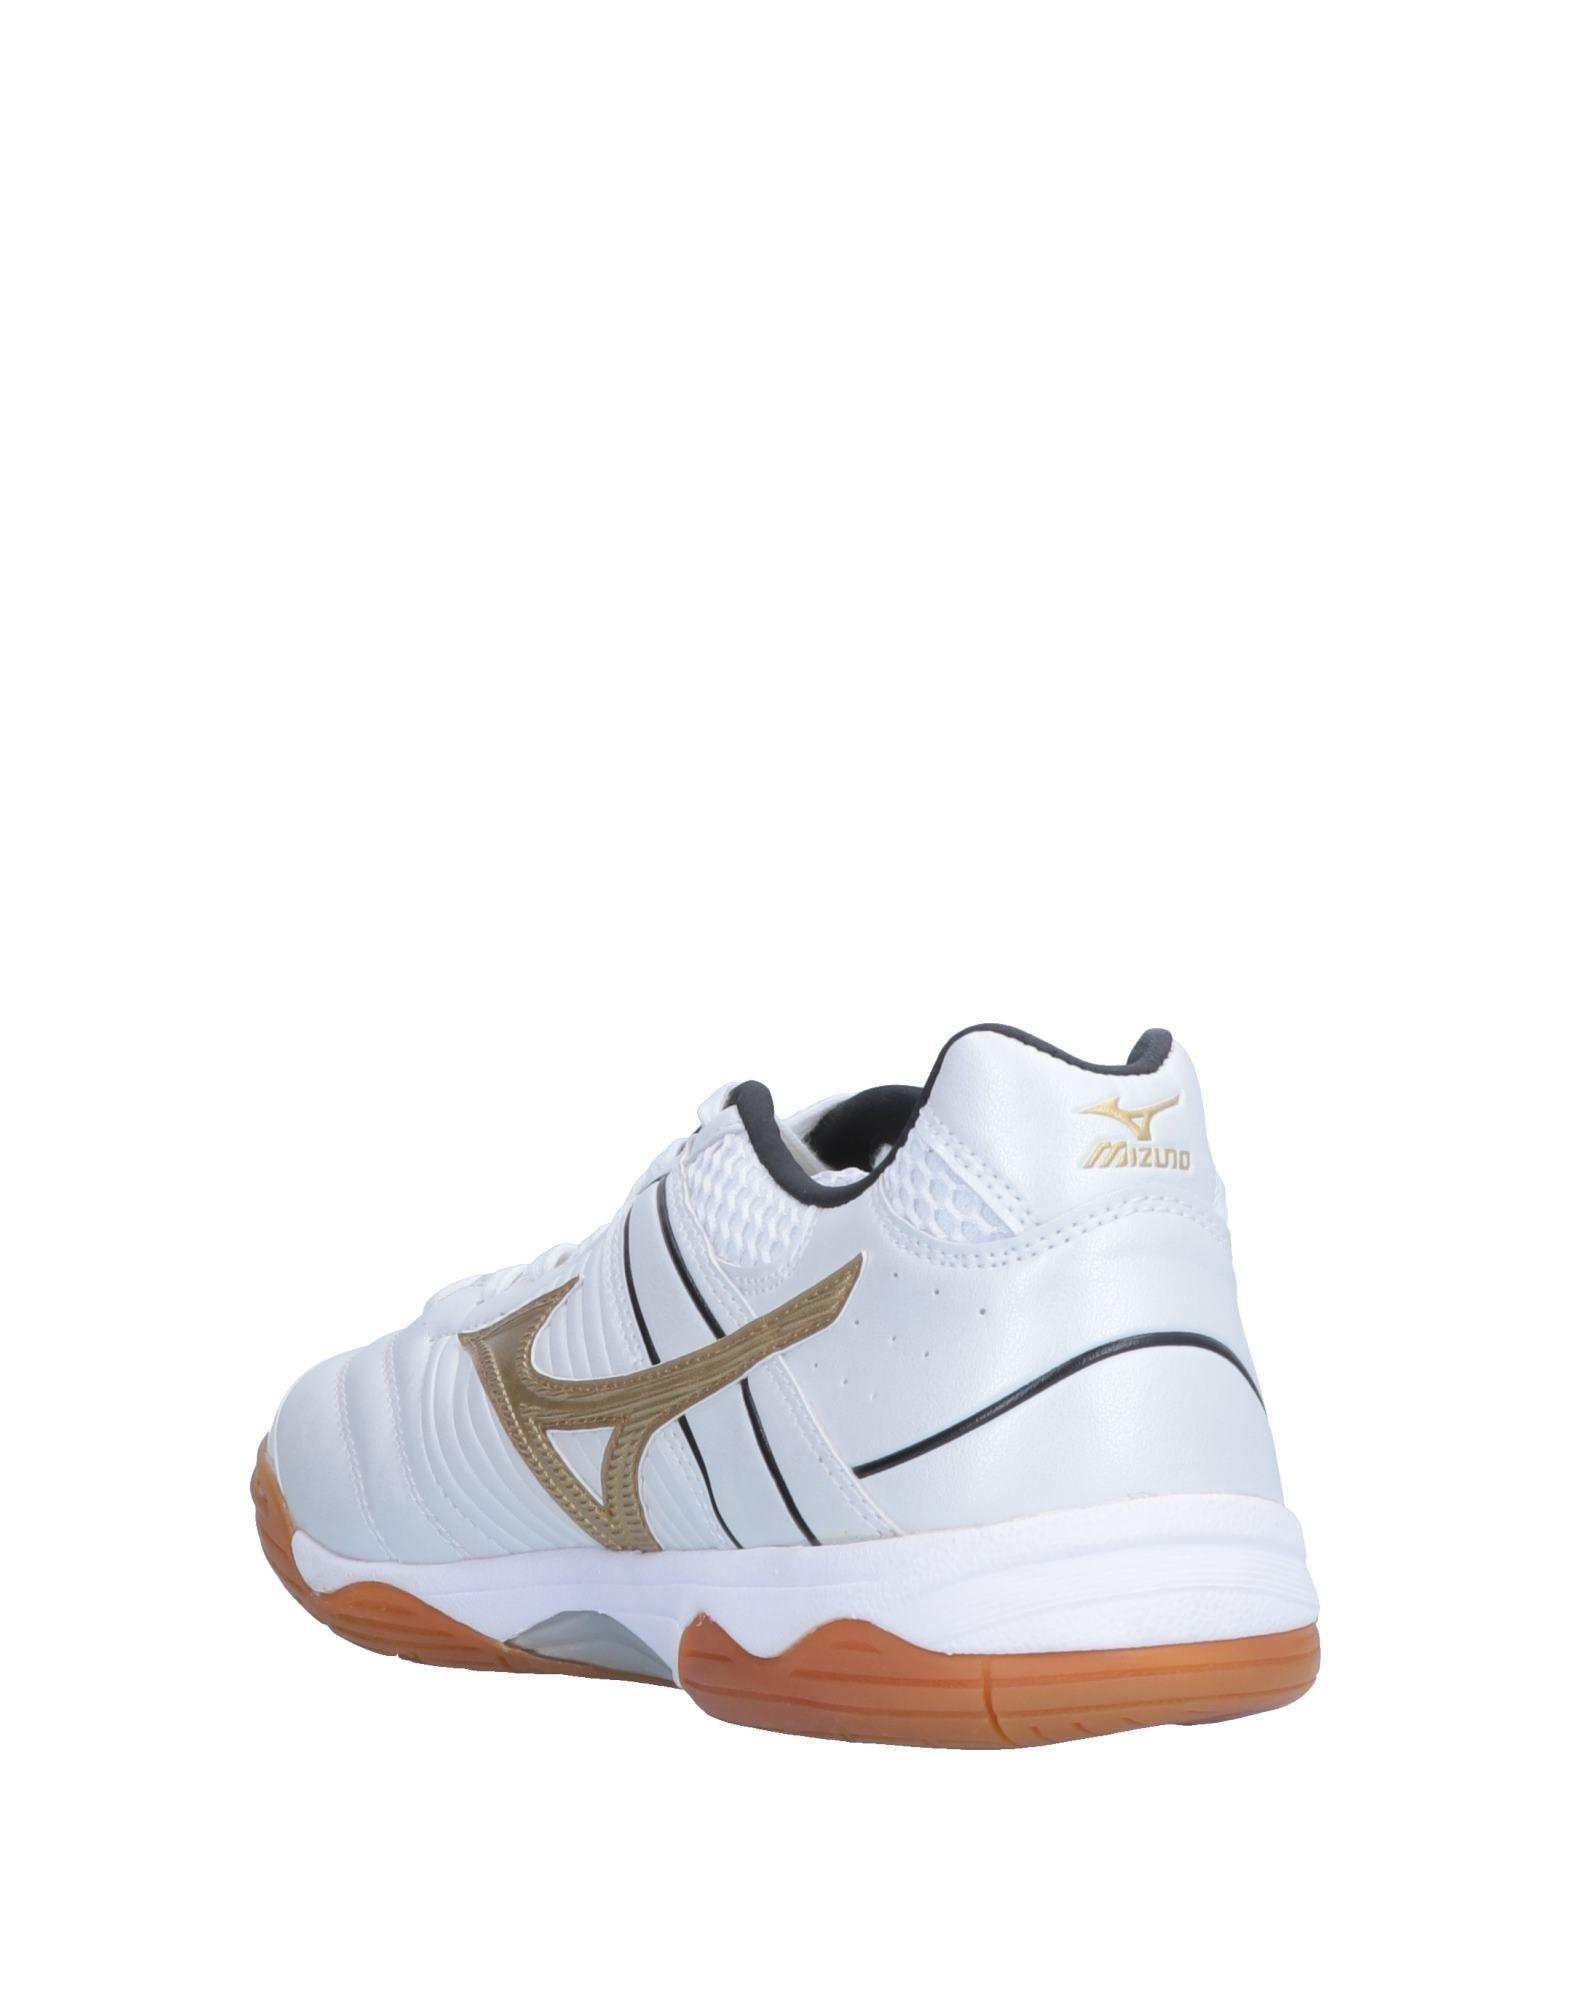 Rabatt echte Schuhe Herren Mizuno Sneakers Herren Schuhe  11547167TA 3c438f